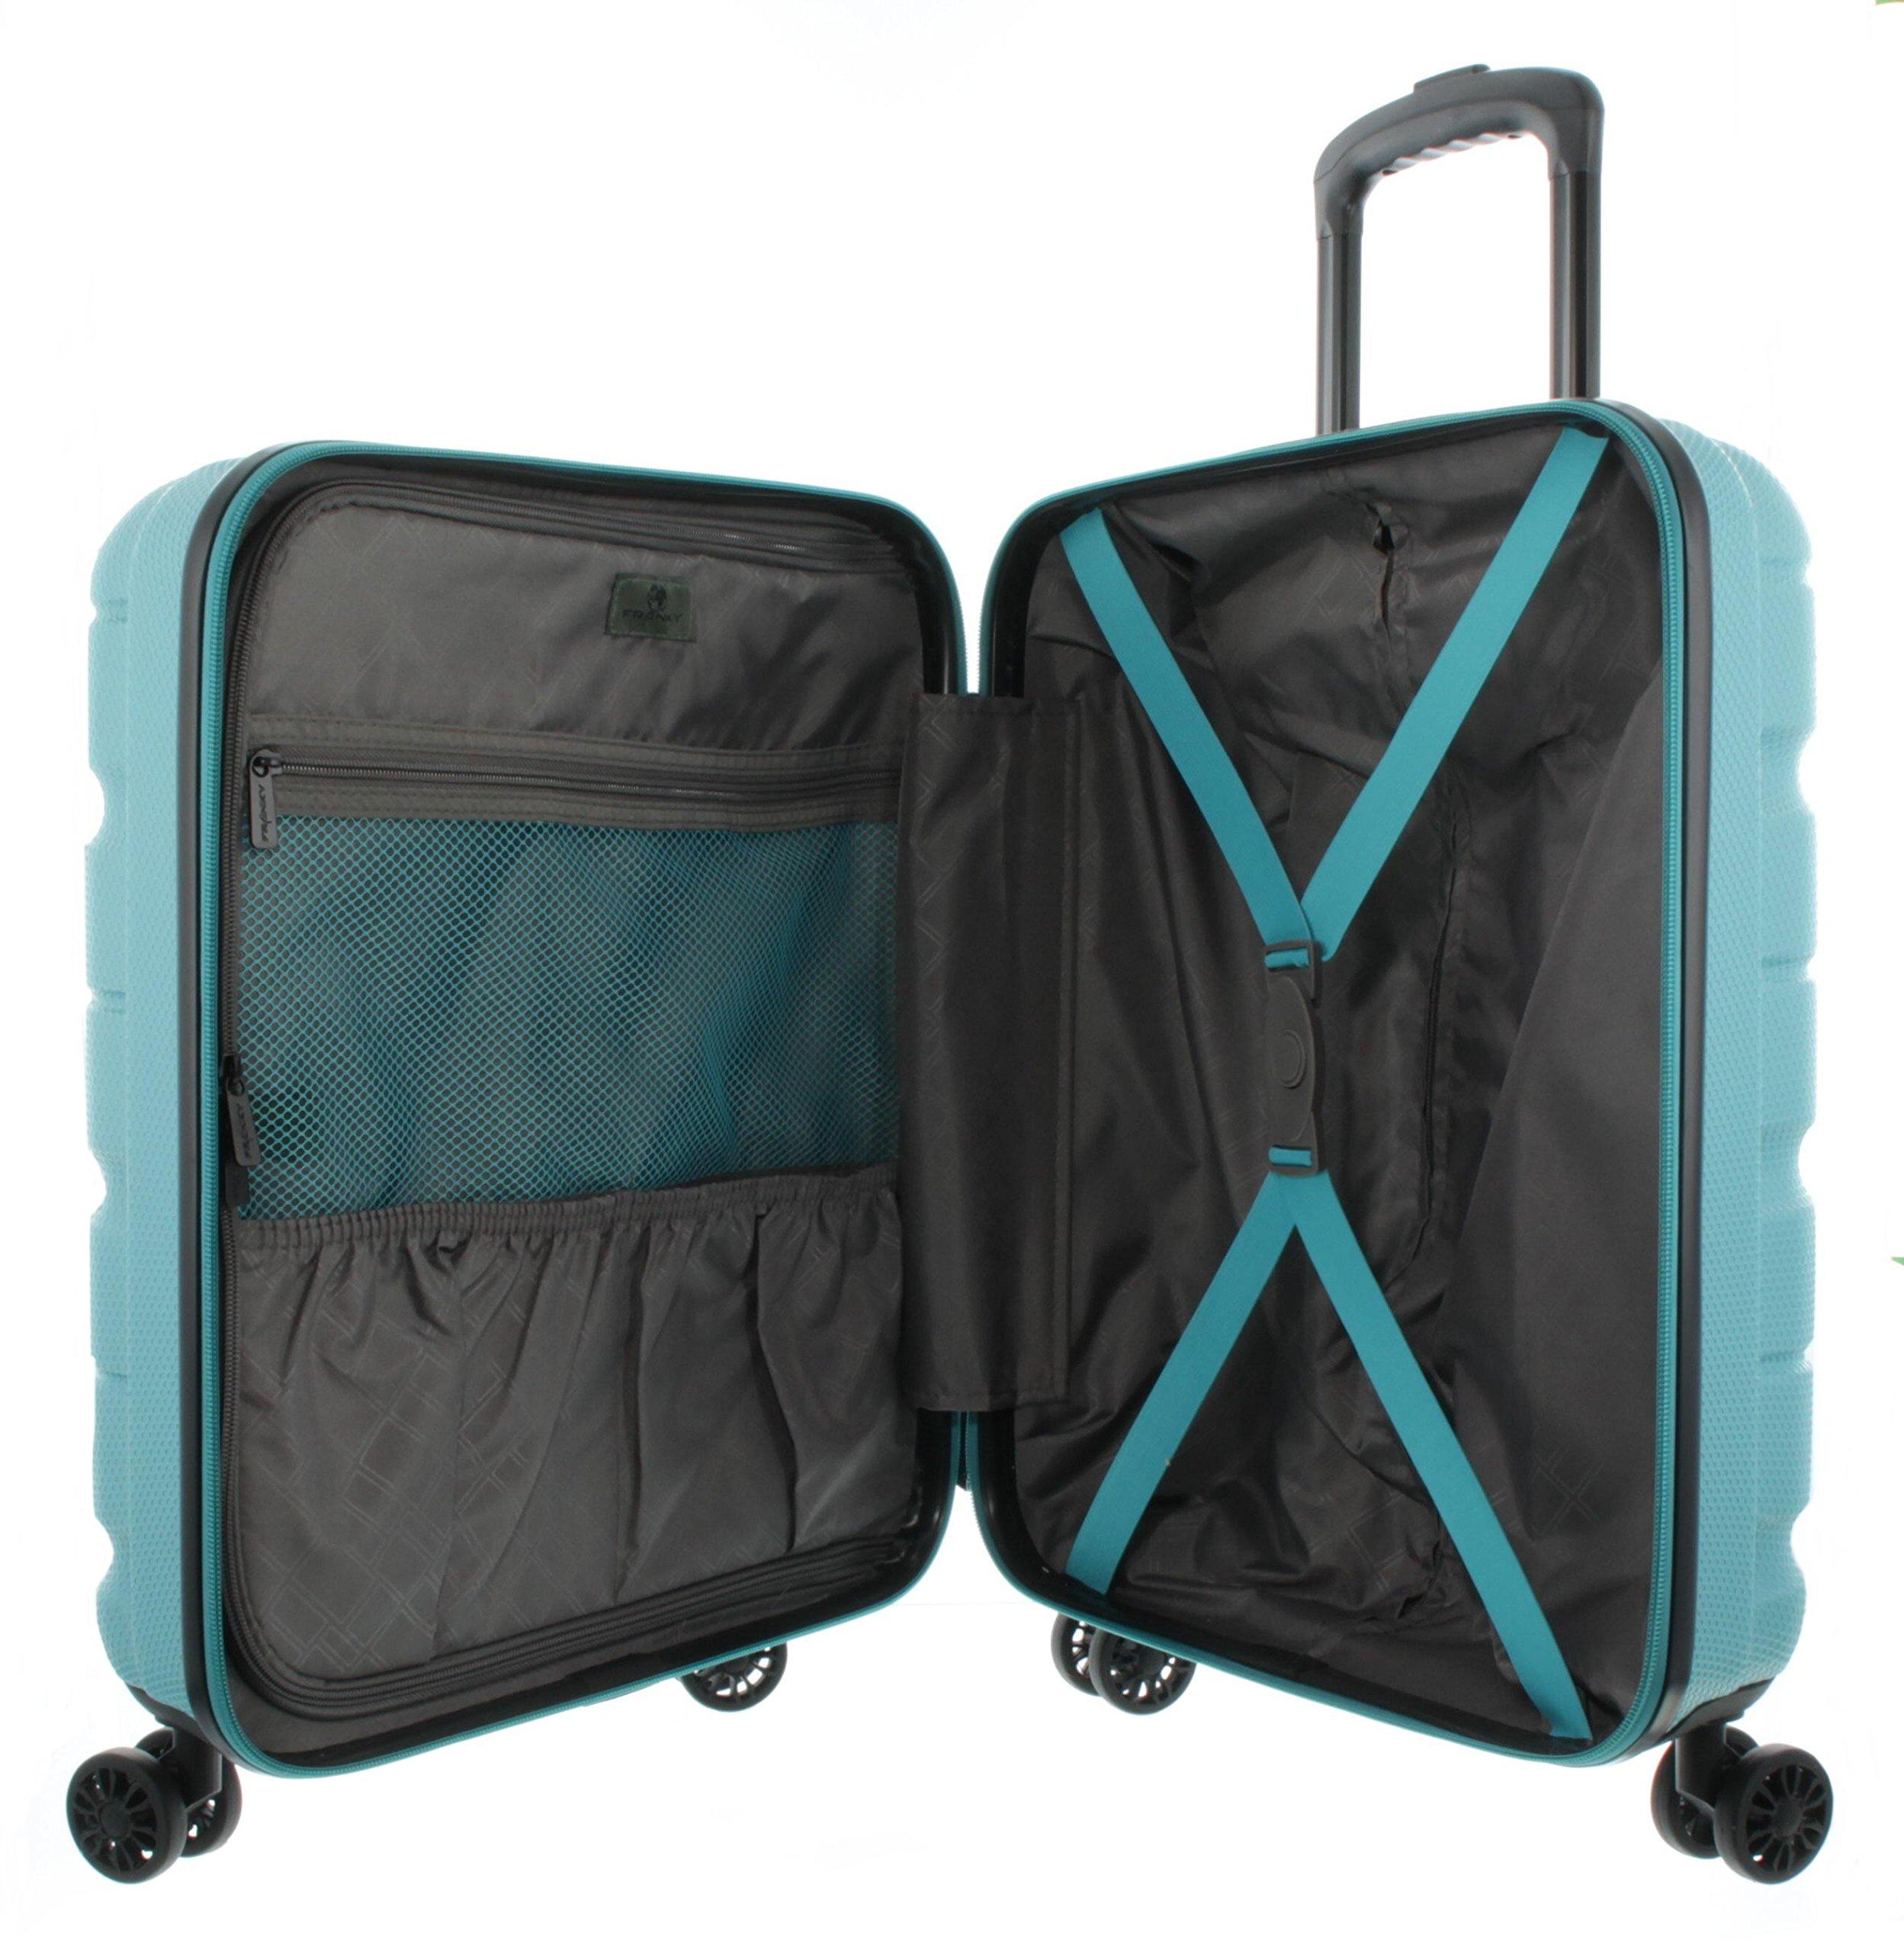 Franky-4er-Kofferset-Hartschalenkoffer-Spnner-mit-TSA-Schloss-Aqua